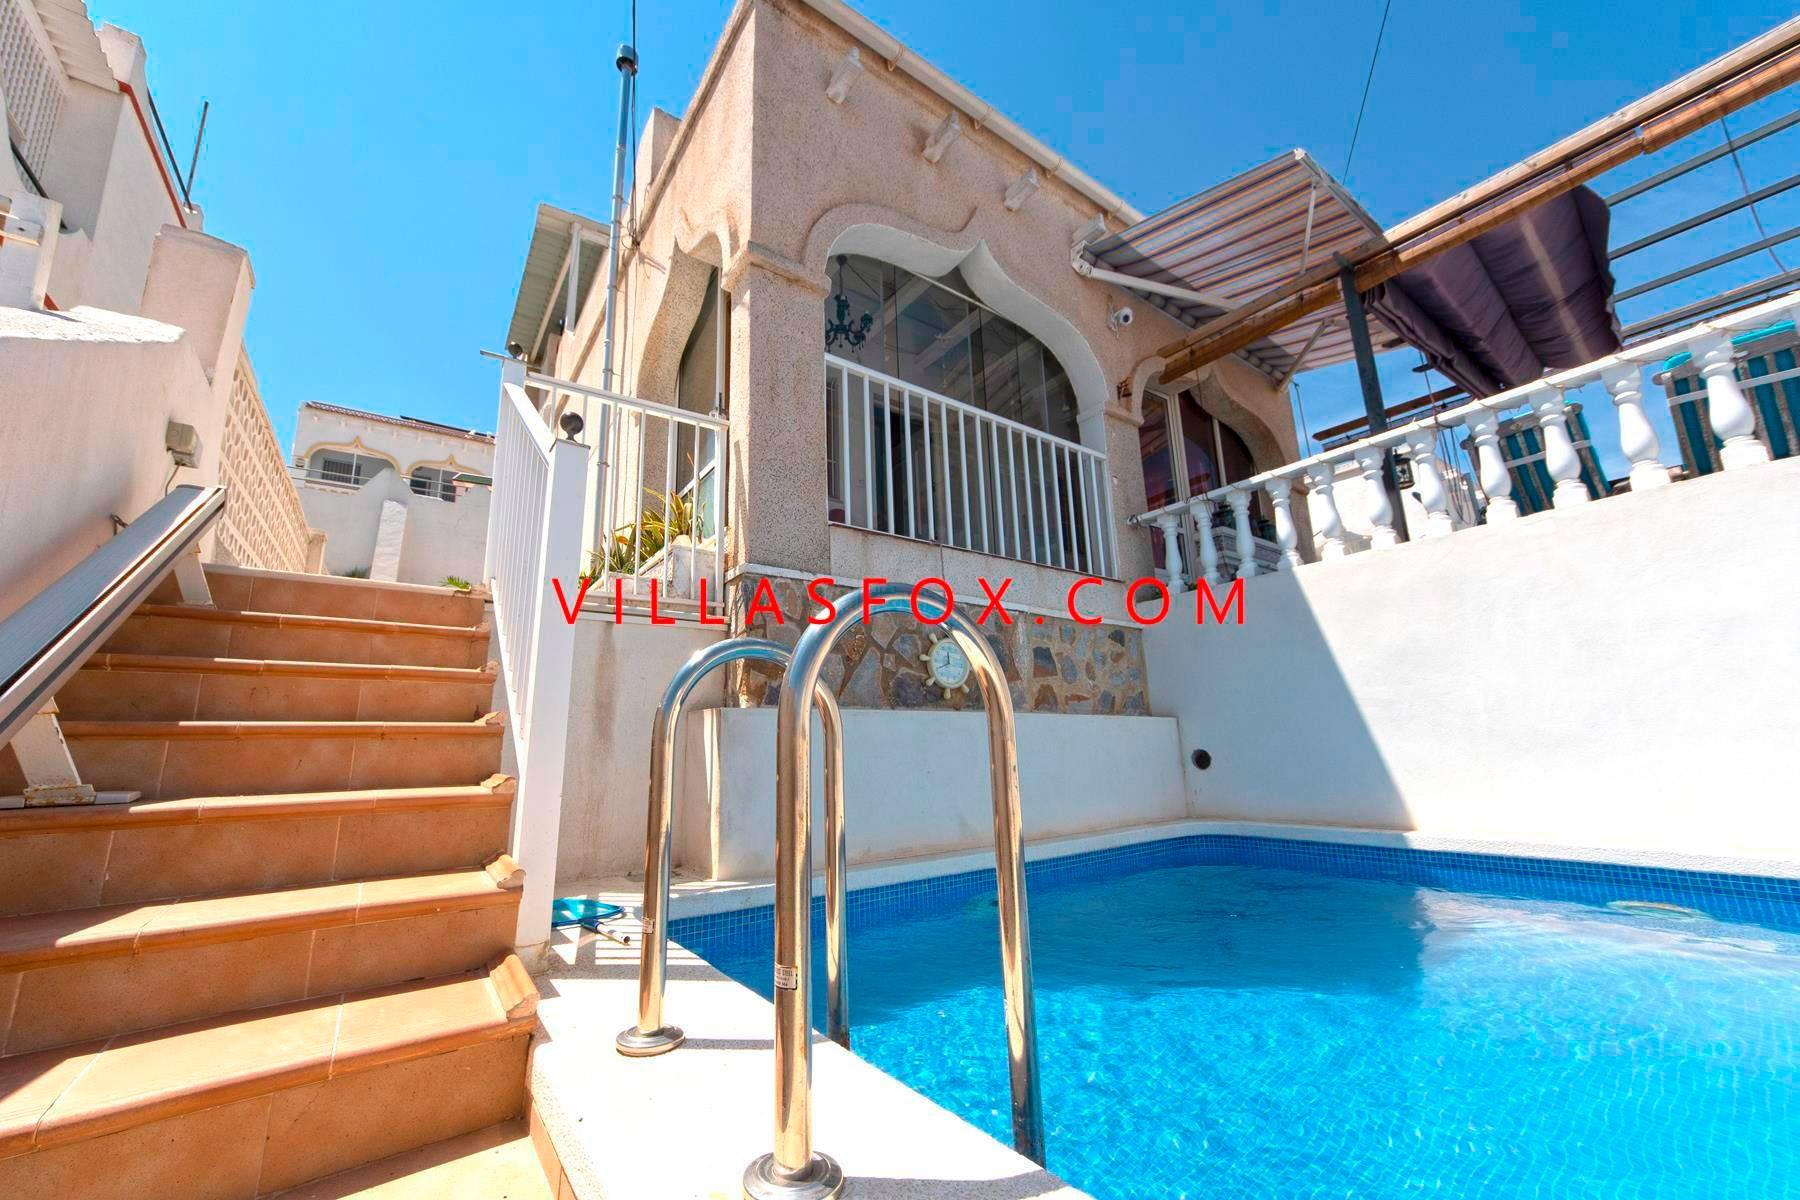 3-bedroom house with private pool and garage, Balcón de la Costa Blanca, San Miguel de Salinas